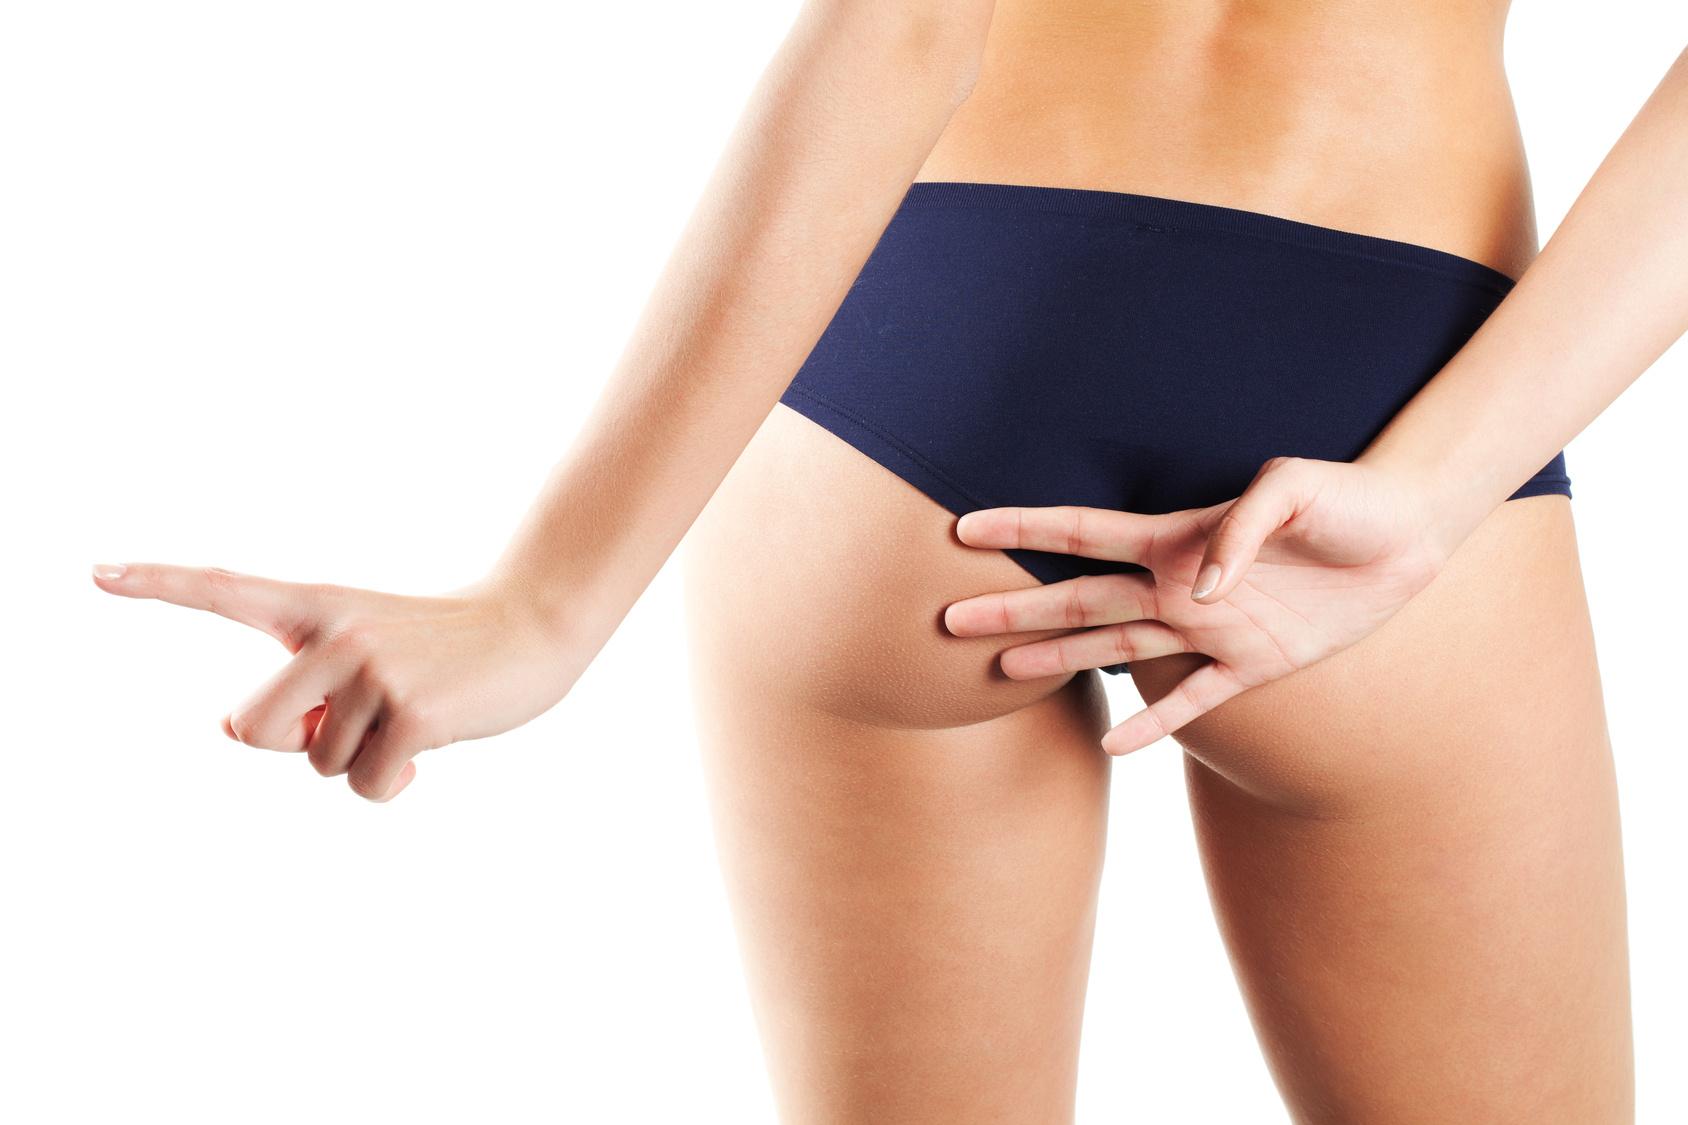 Liposcultura ultrasonica, rimodellare con gli ultrasuoni